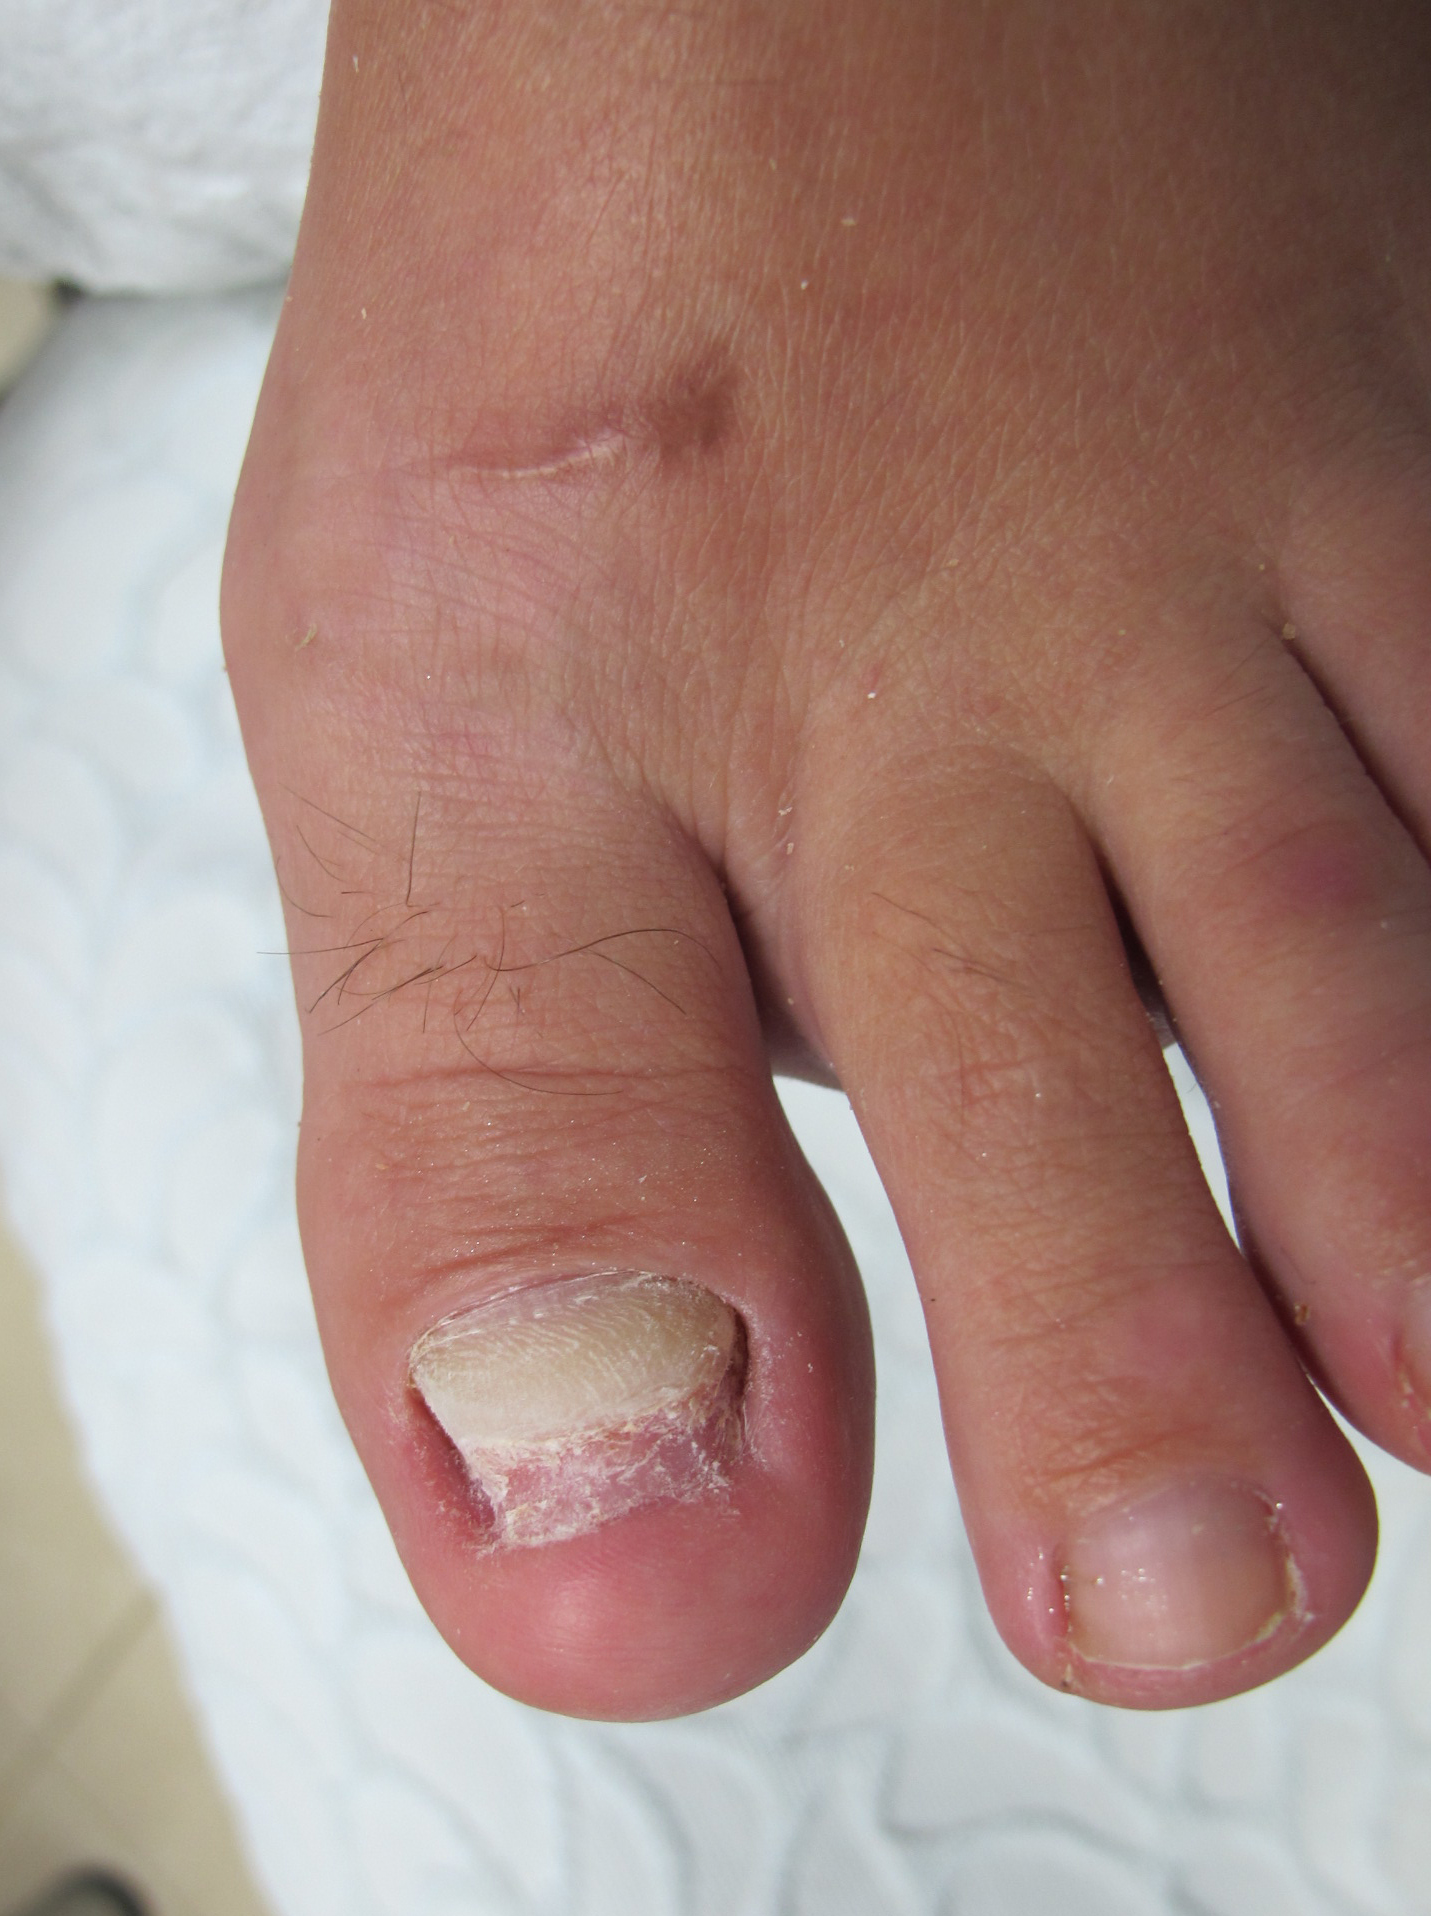 Грибок на пальцах ног с язвами